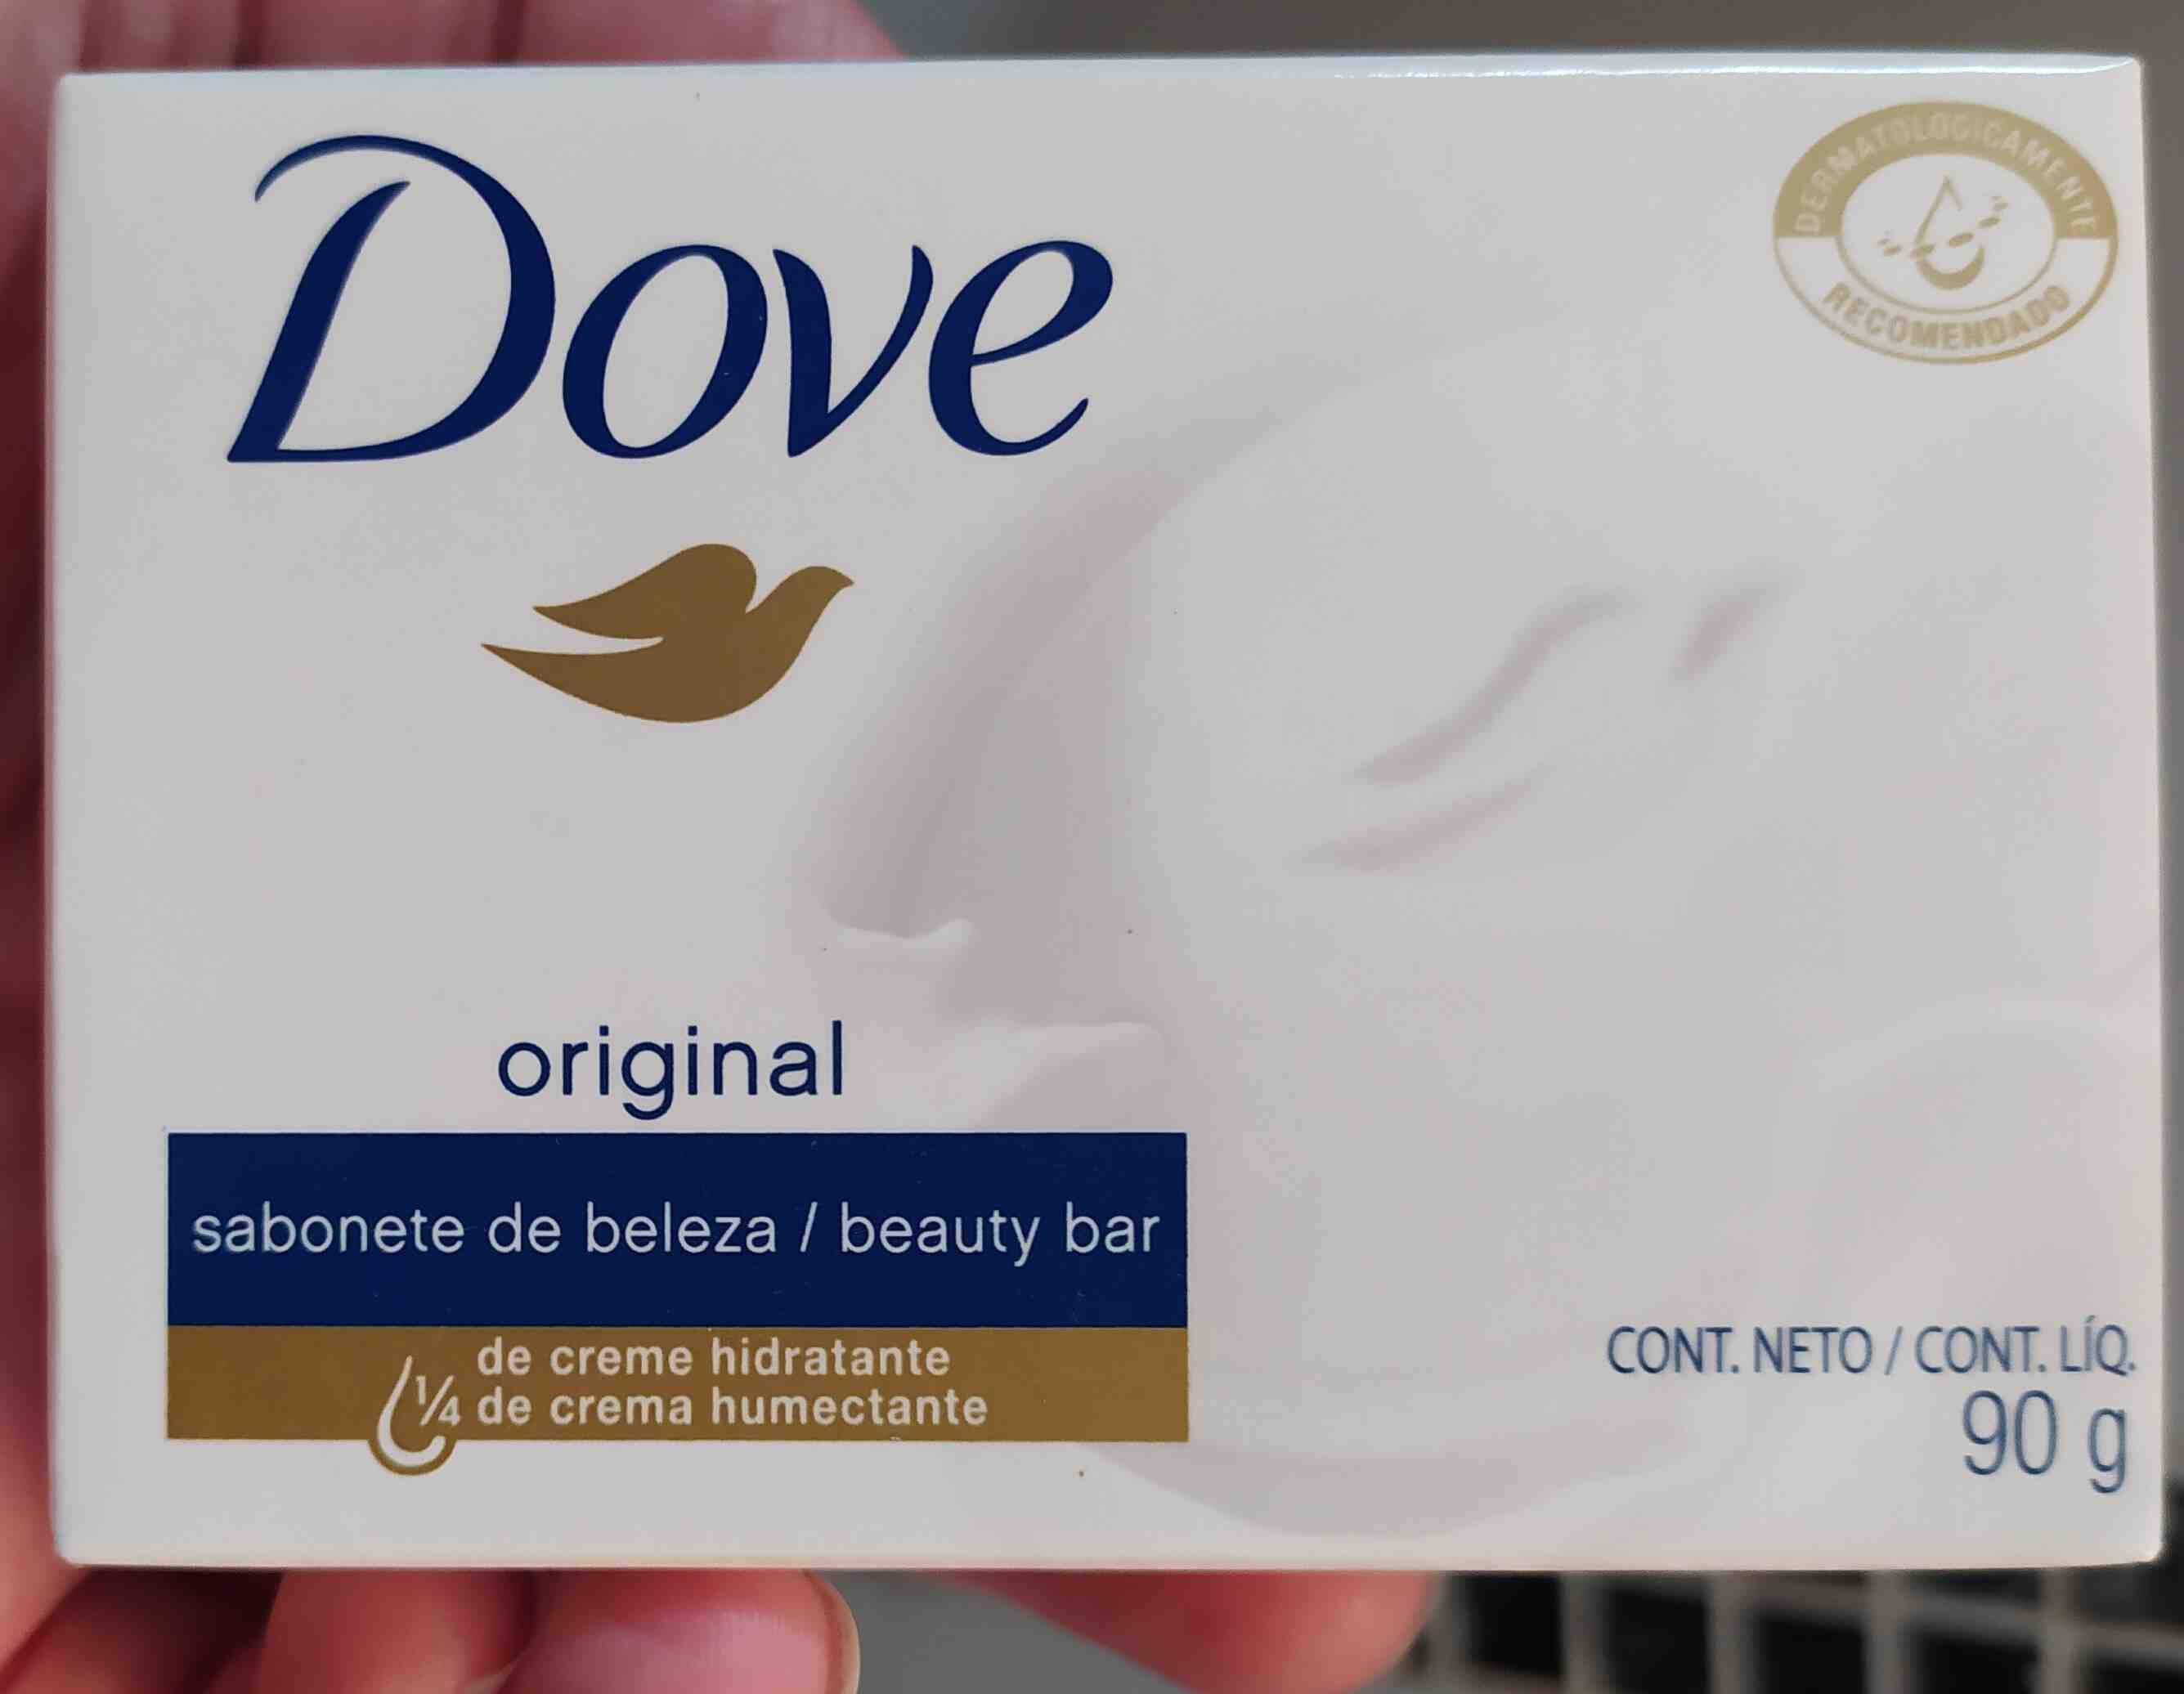 Dove - Produit - en